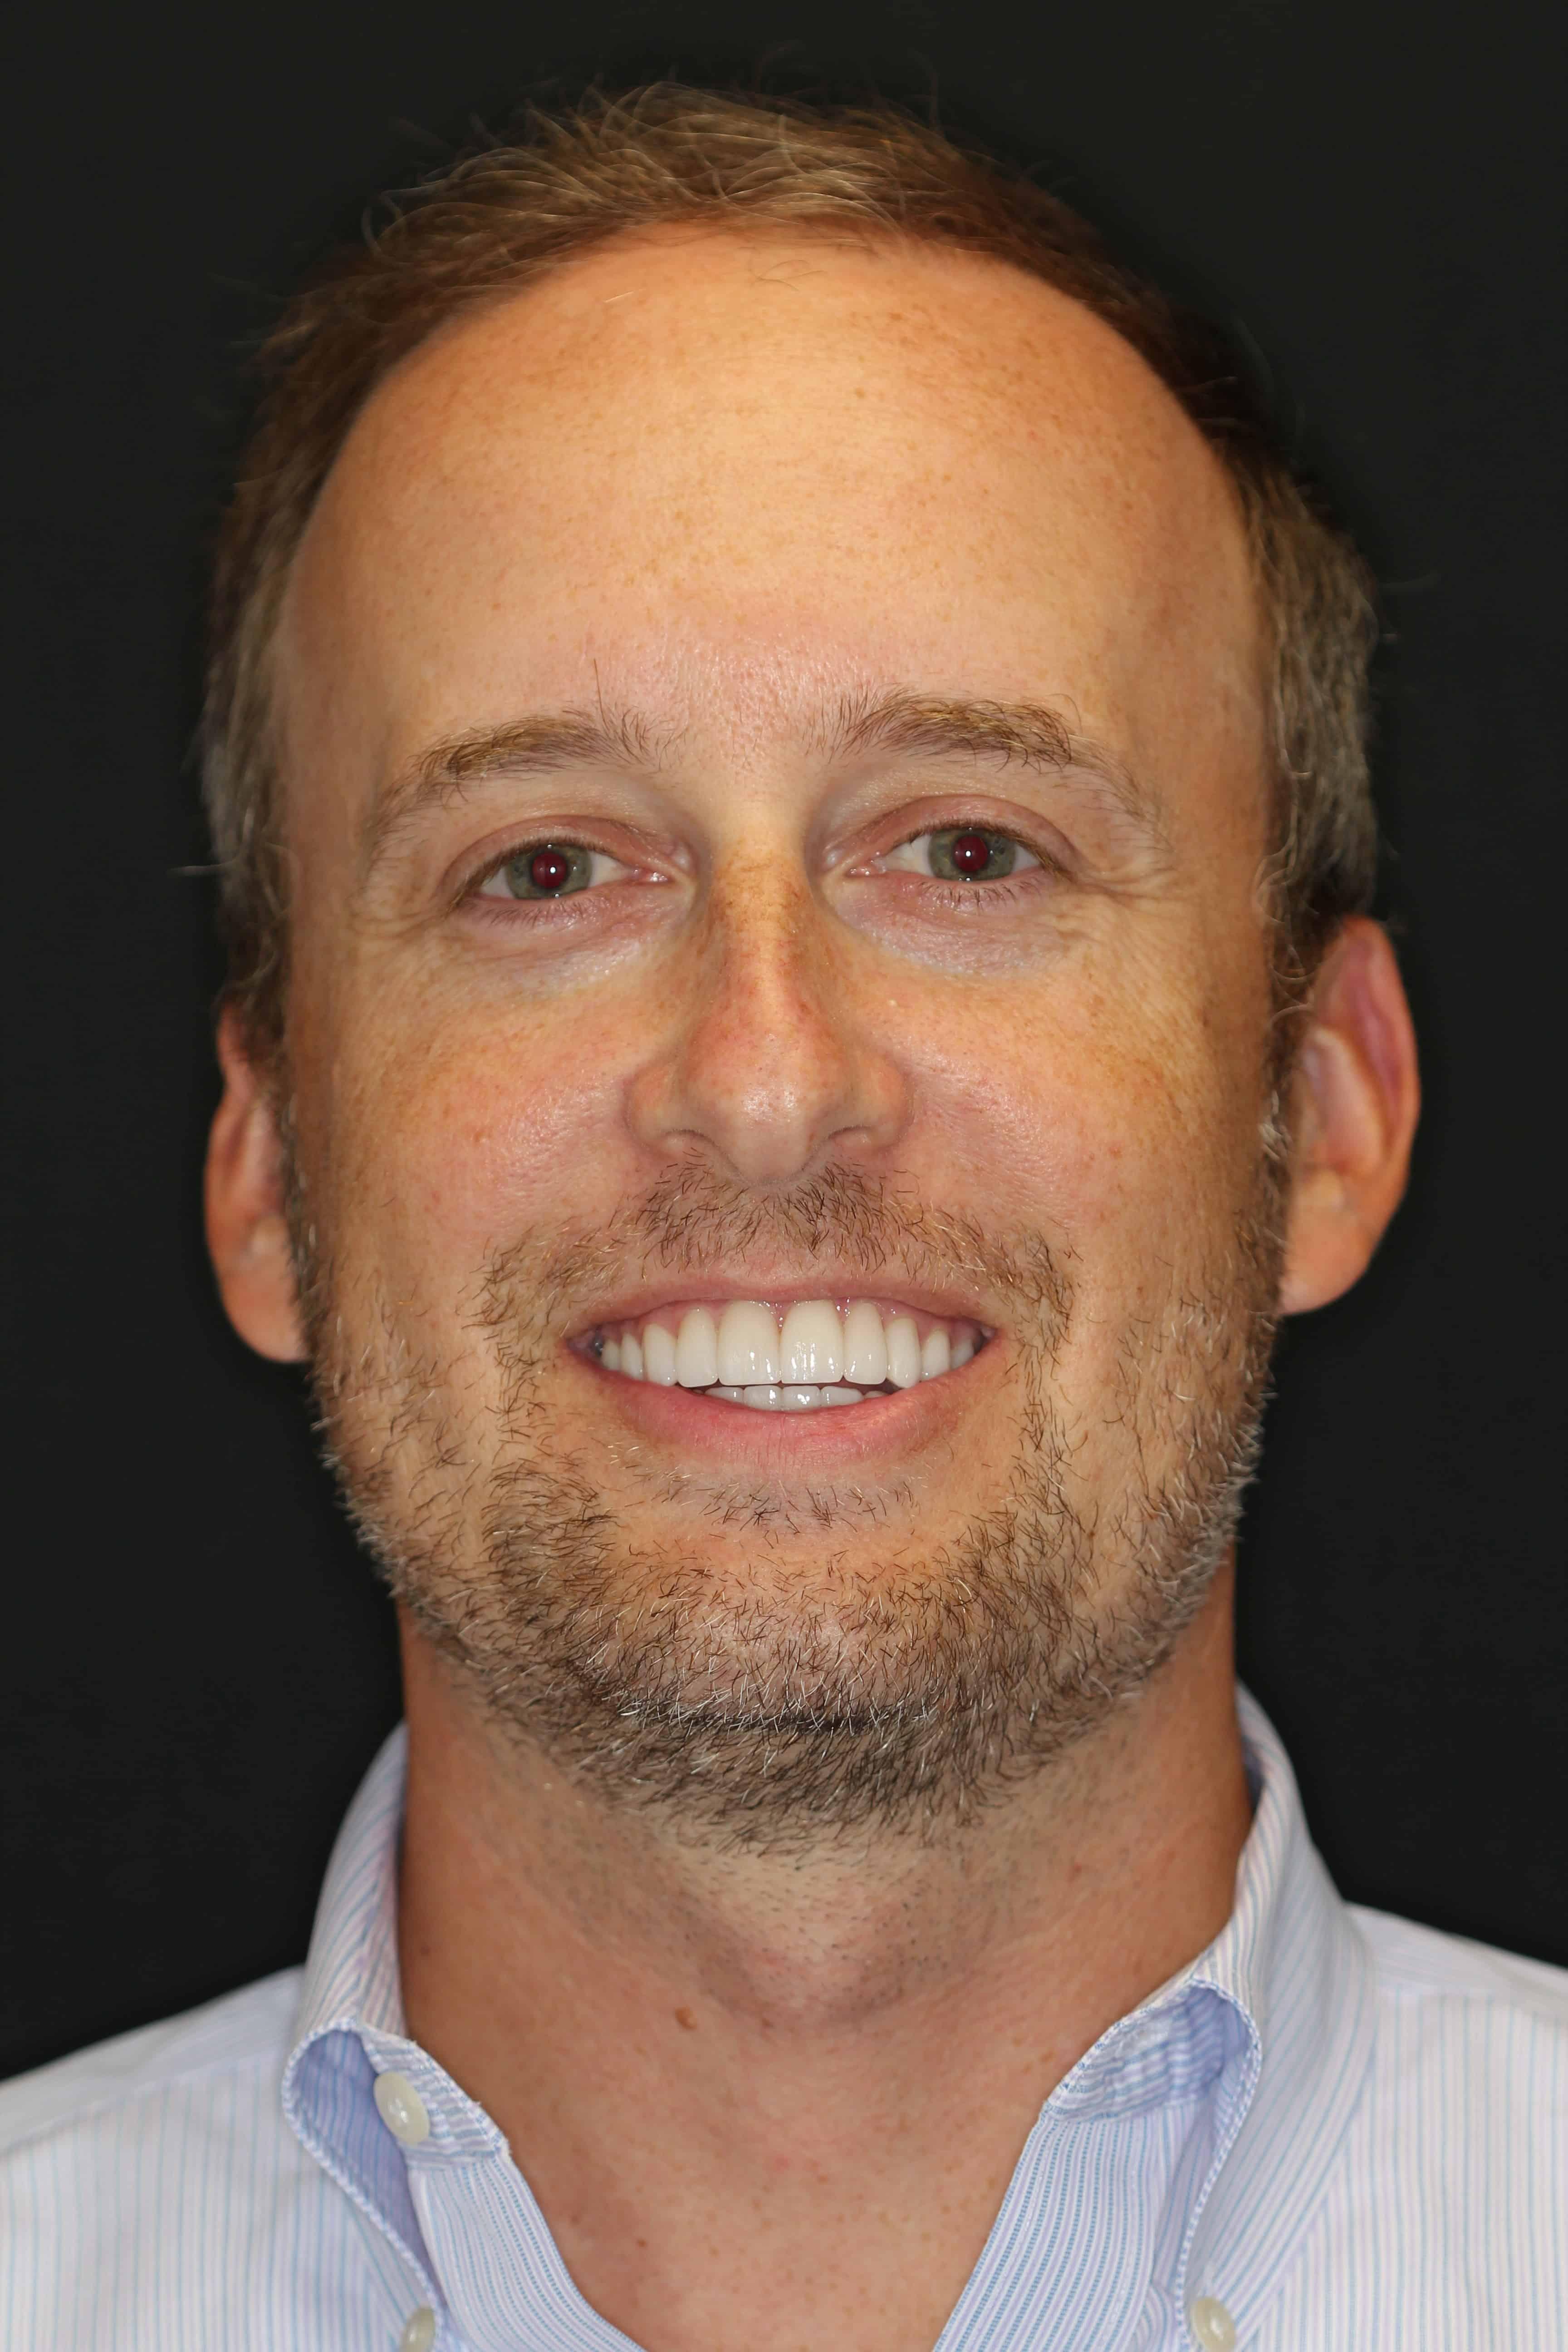 patient portrait after whitening procedure